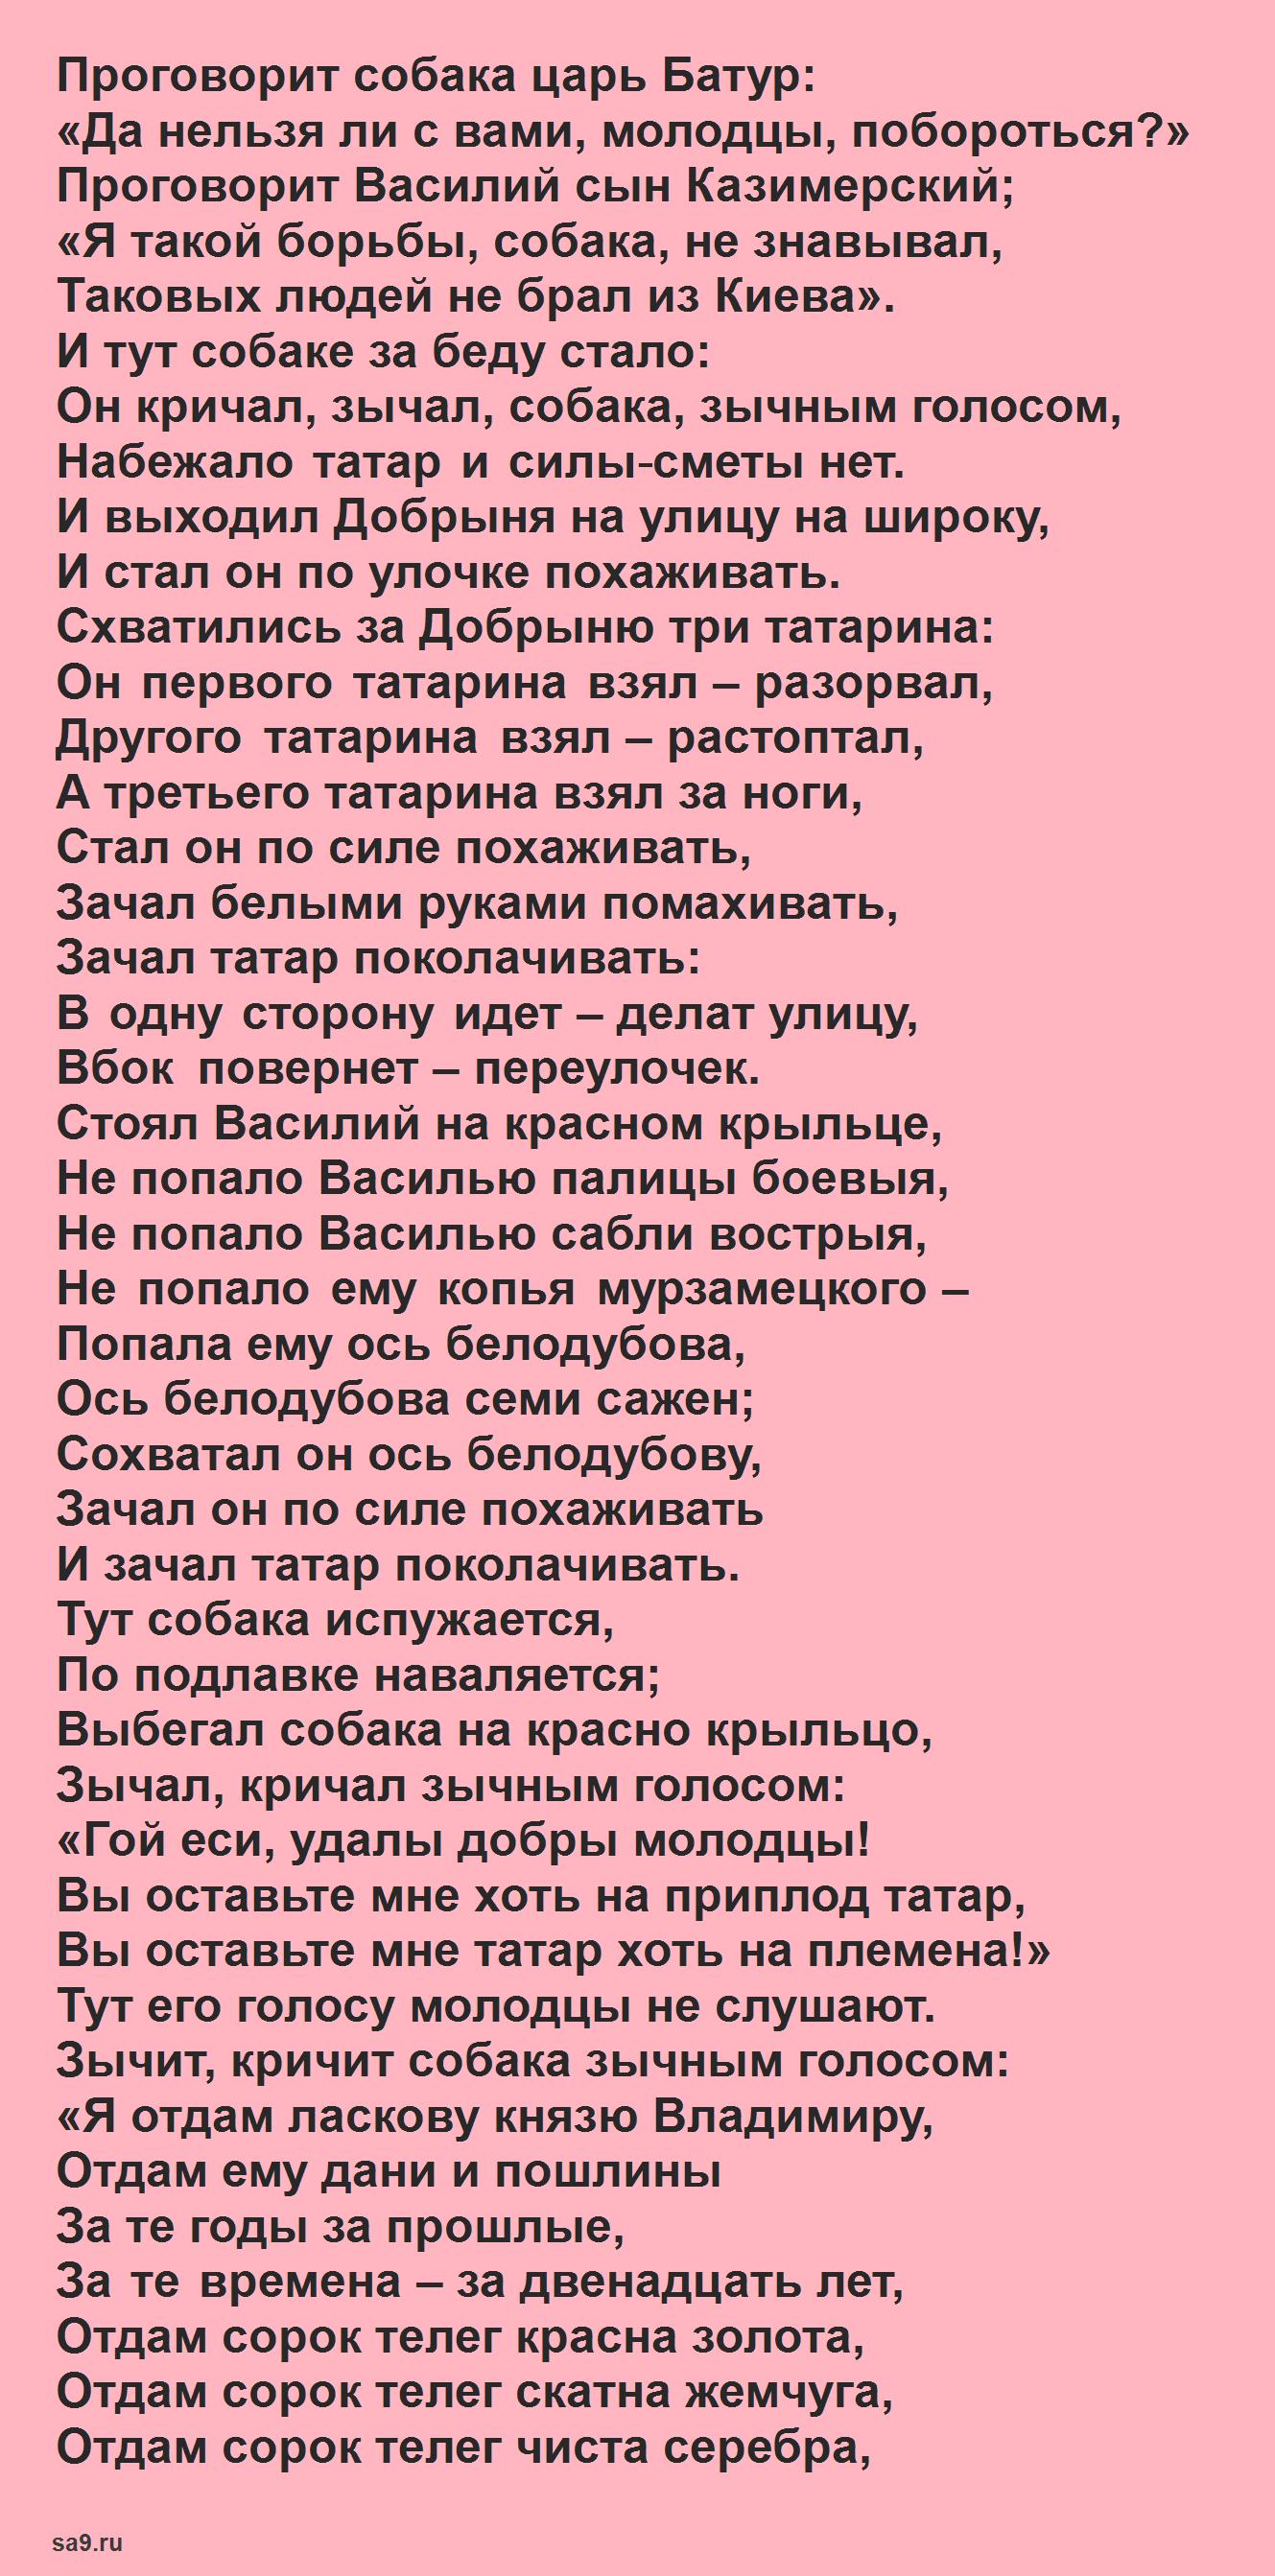 Читаем былину - Добрыня и Василий Казимирович, полностью